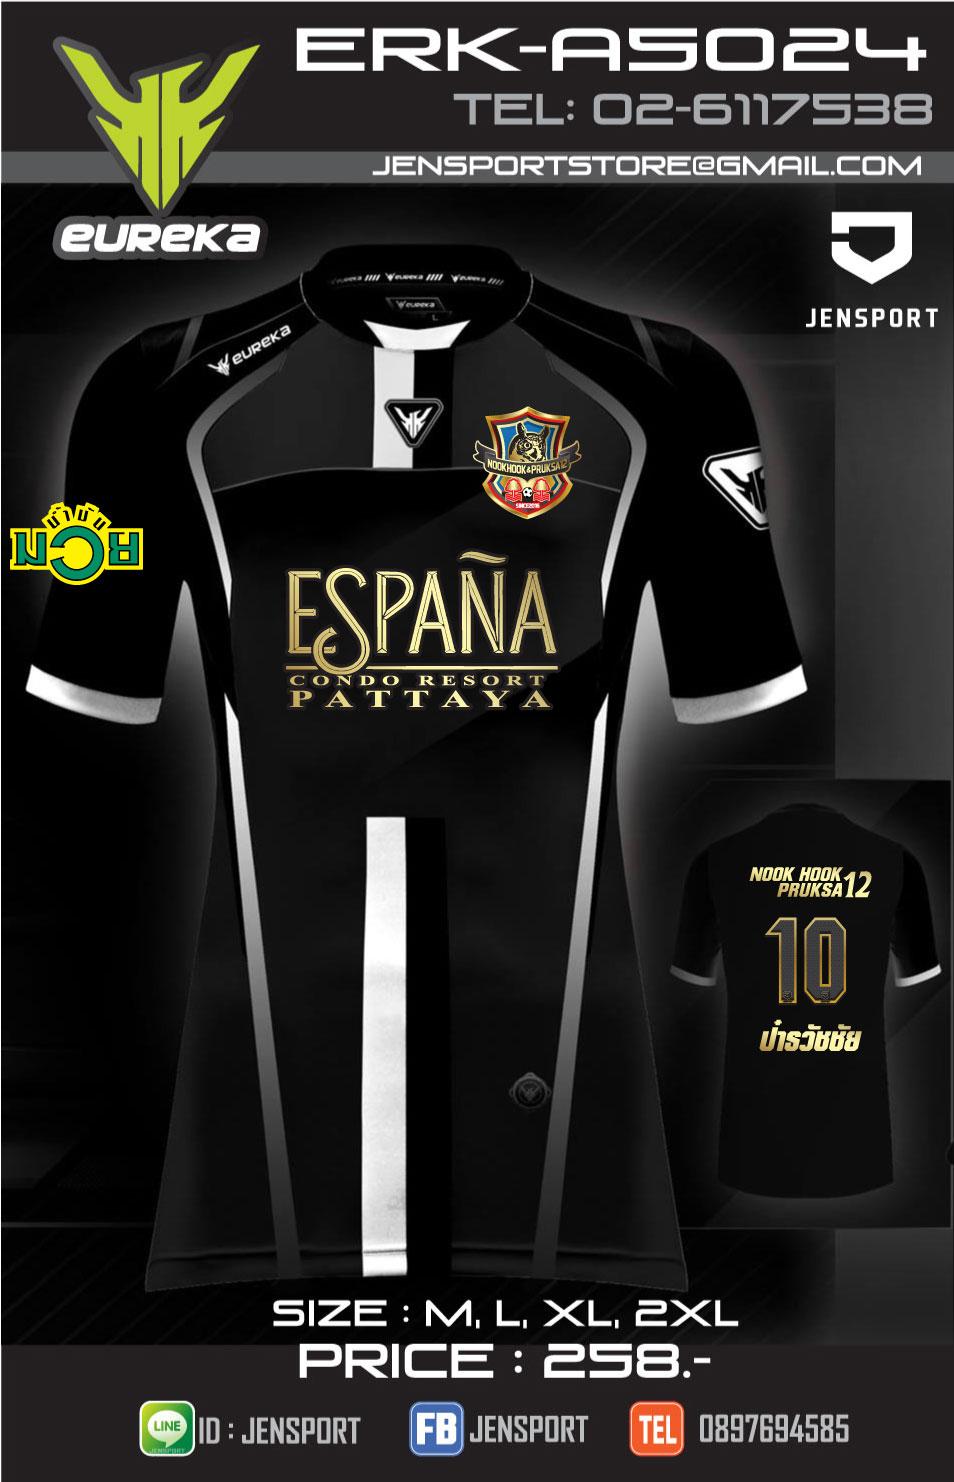 เสื้อ EUREKA ERK-A5024 สีดำทีมnookhook พฤกษา